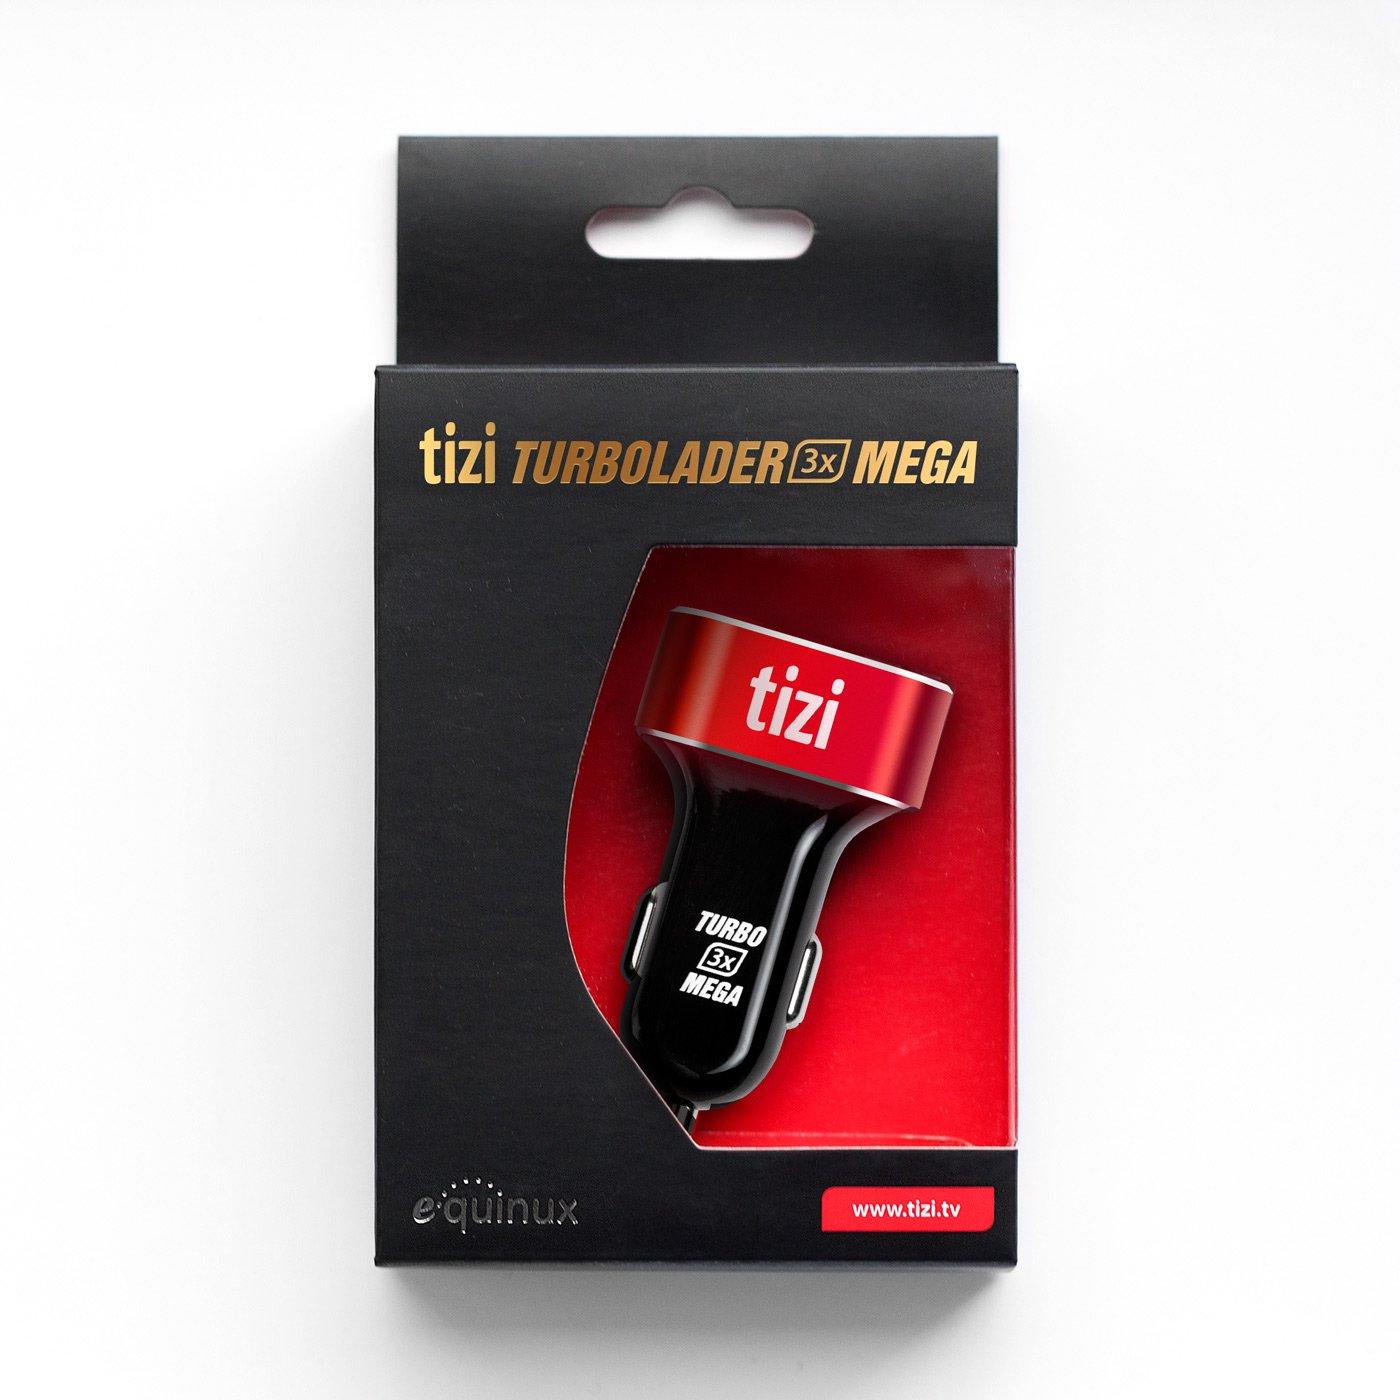 equinux tizi Turbolader 3x MEGA - Cargador de coche con 3 puertos USB y tecnología Auto Max Power para el coche, tres puertos USB de elevada potenica ...